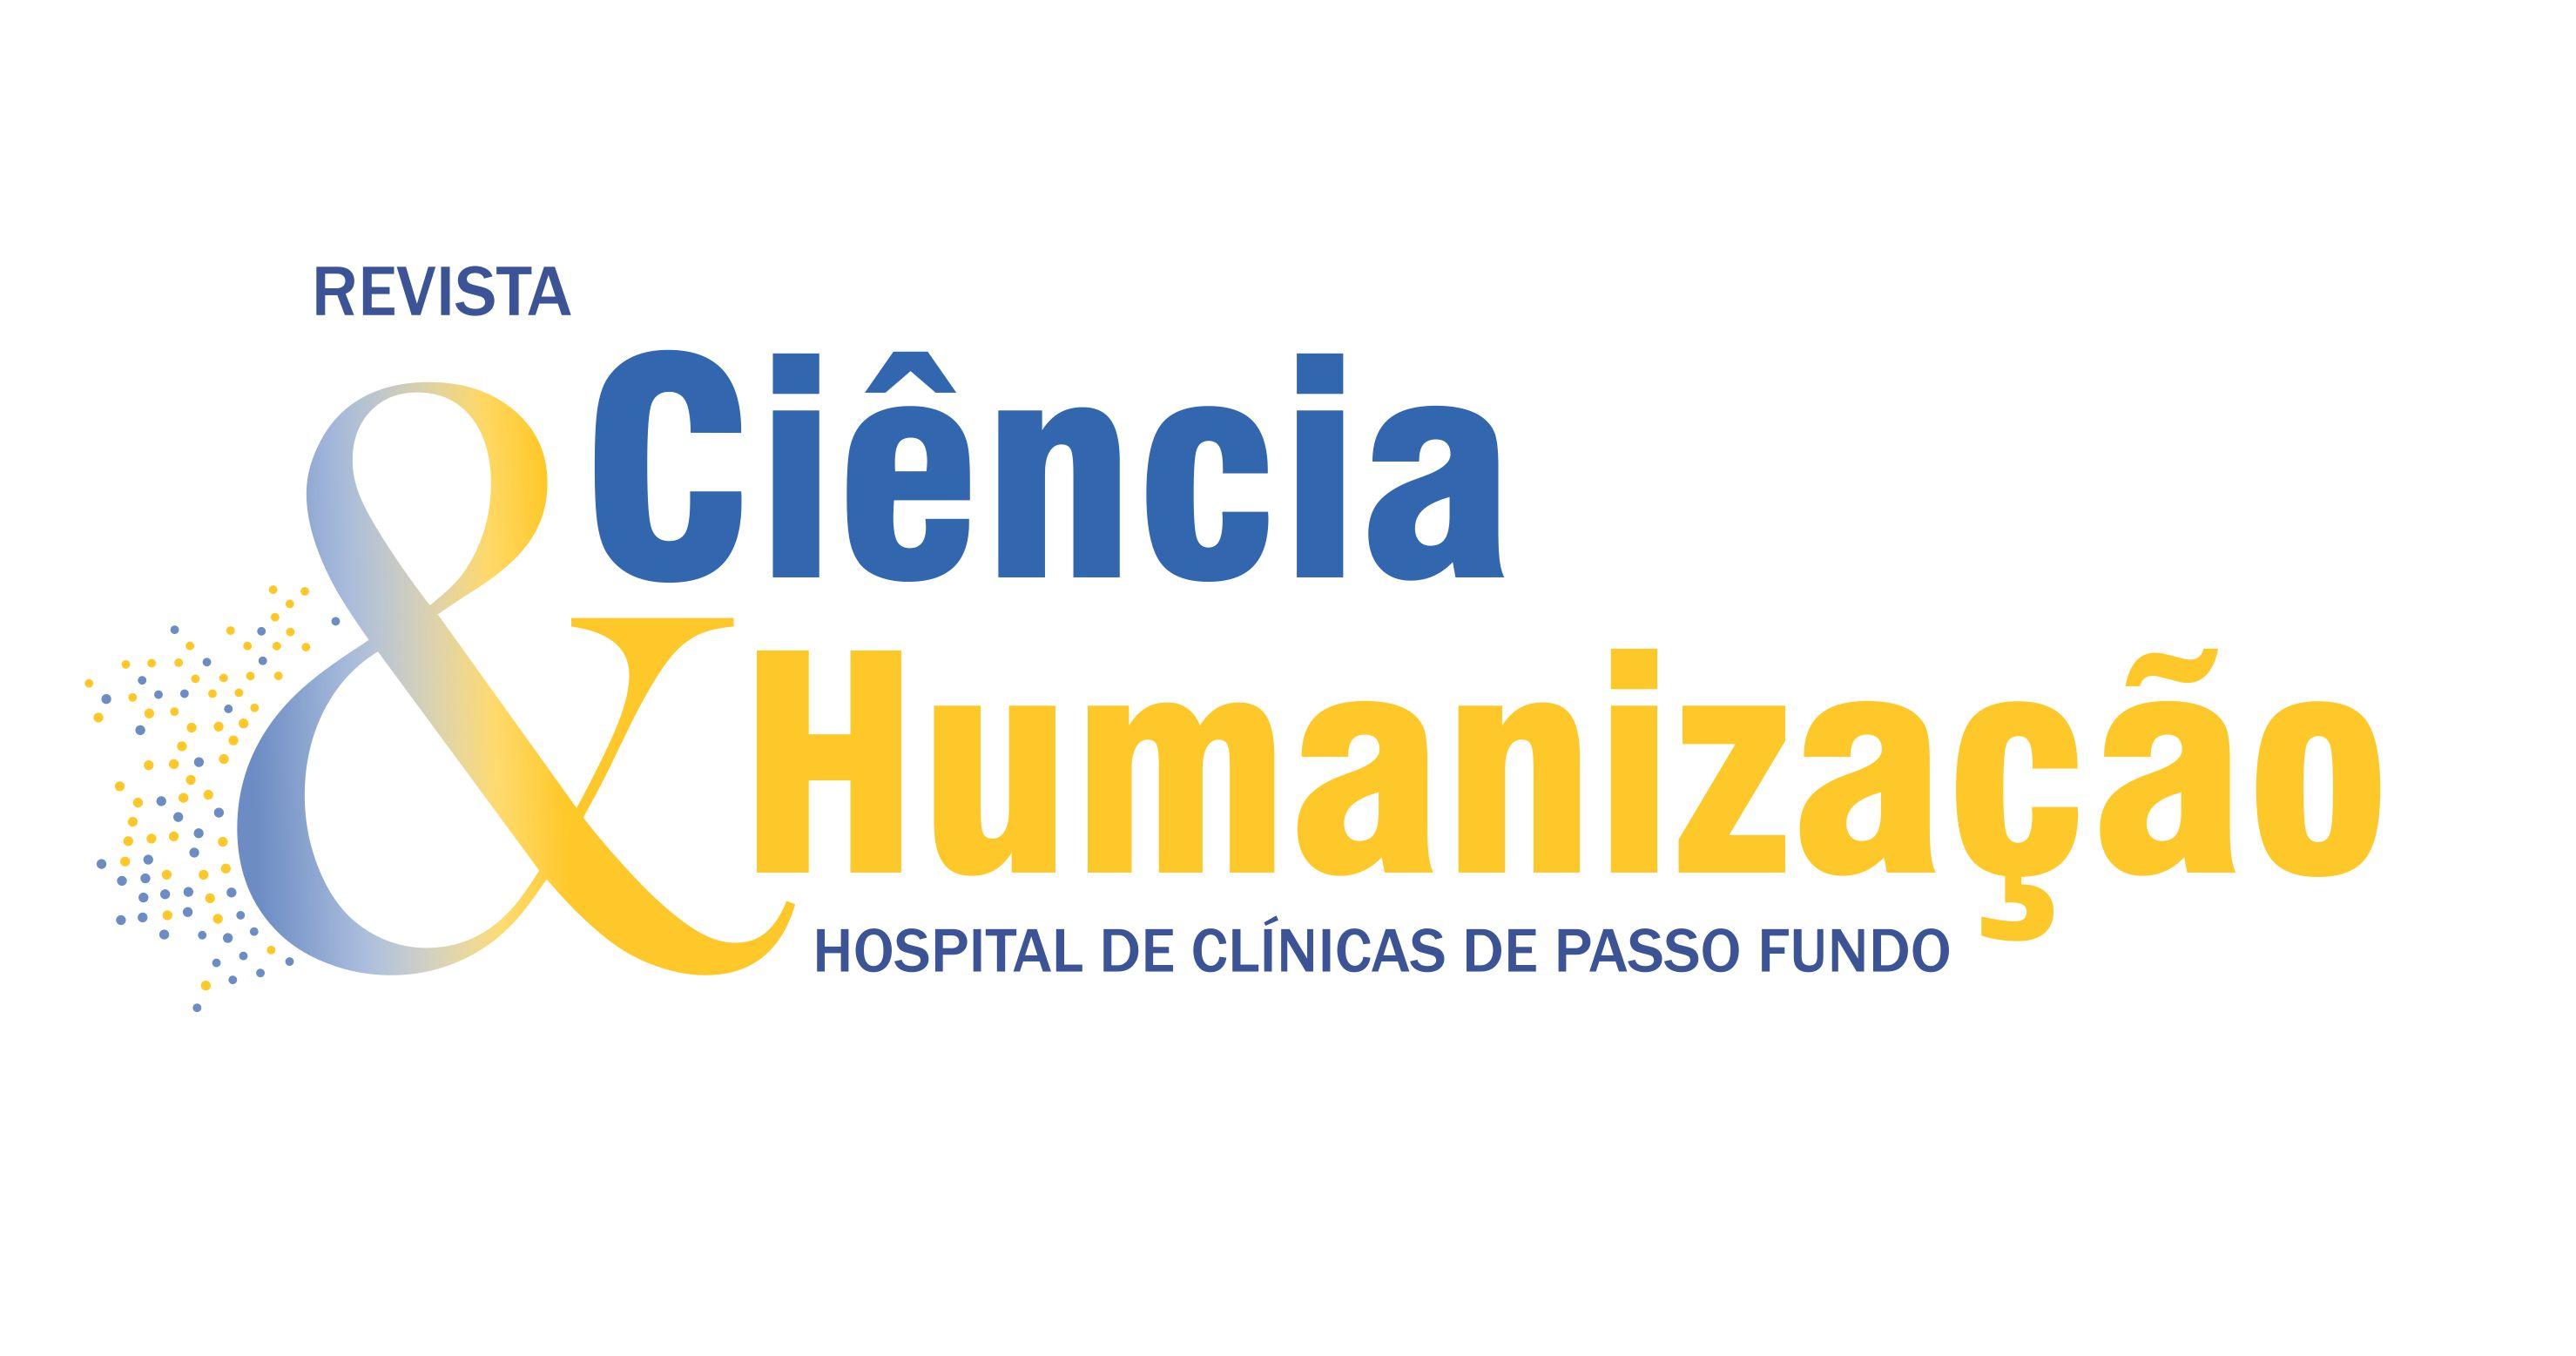 logotipo revista Ciência e Humanização